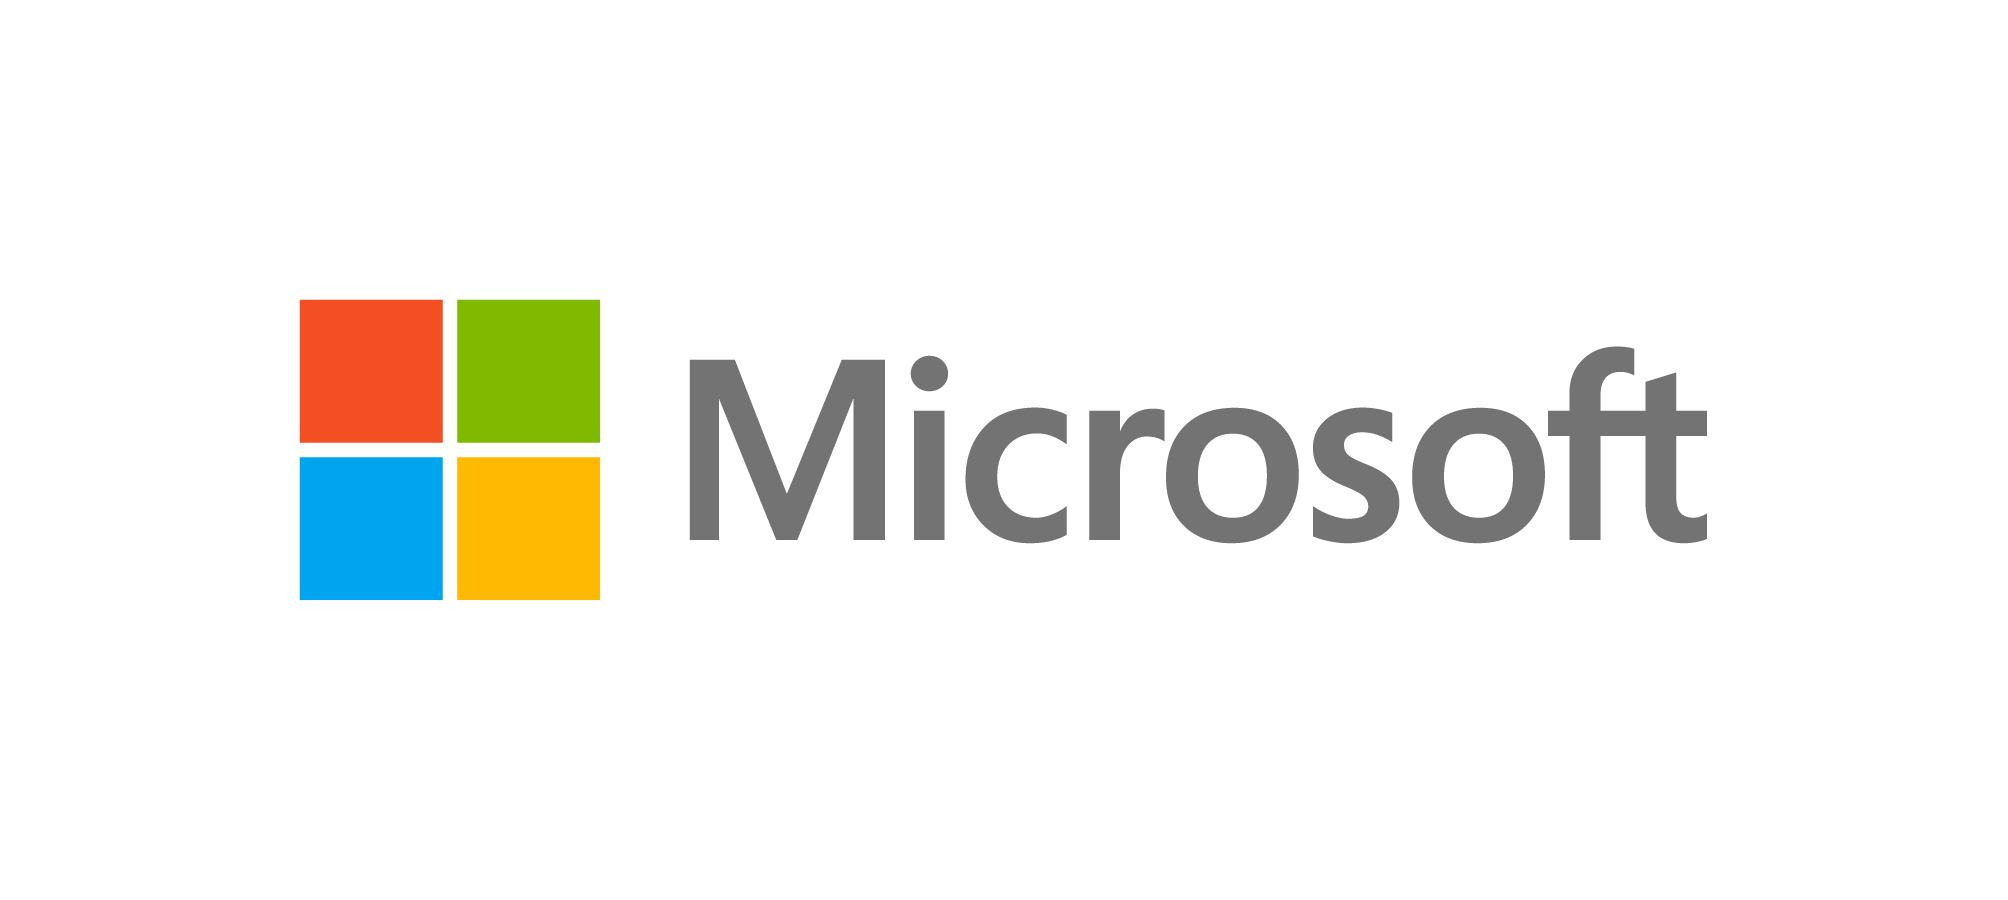 """Logotipo da empresa Microsoft. O nome """"Microsoft"""" está escrito na cor cinza. Do lado esquerdo, há um quadrante nas cores azul, verde, vermelho e laranja."""